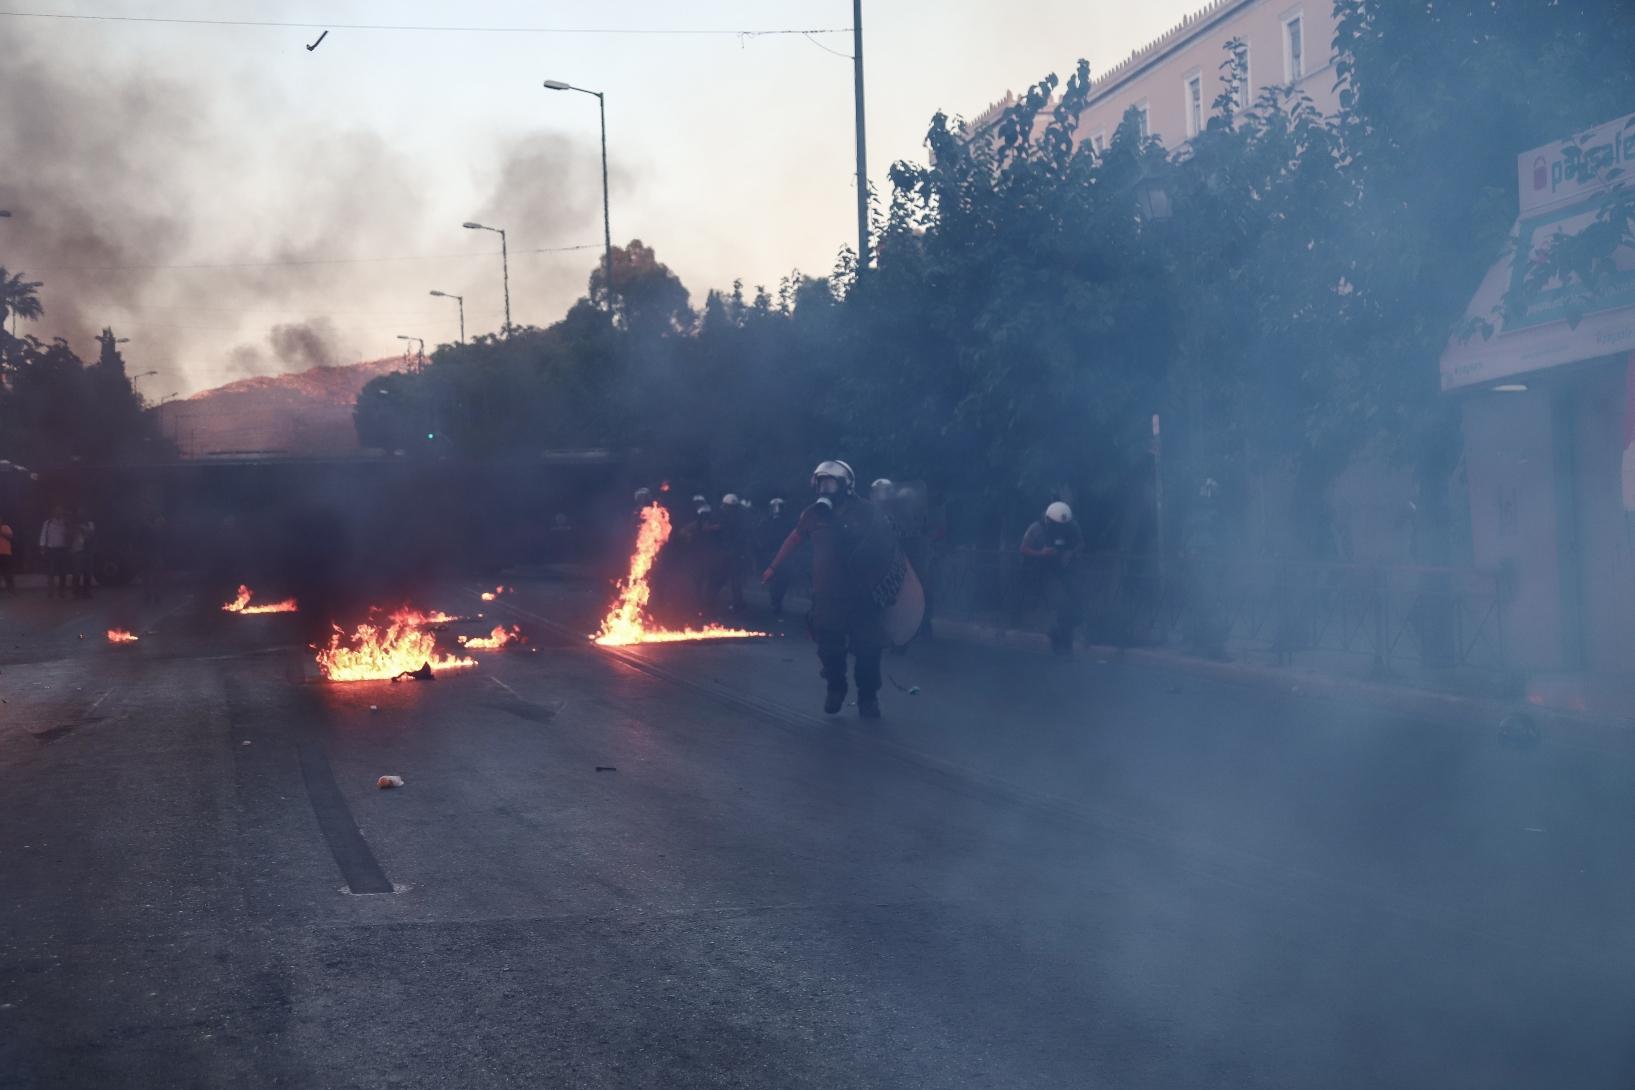 Μολότοφ και εσωκομματικές τριβές έφερε το ν/σ για τις διαδηλώσεις